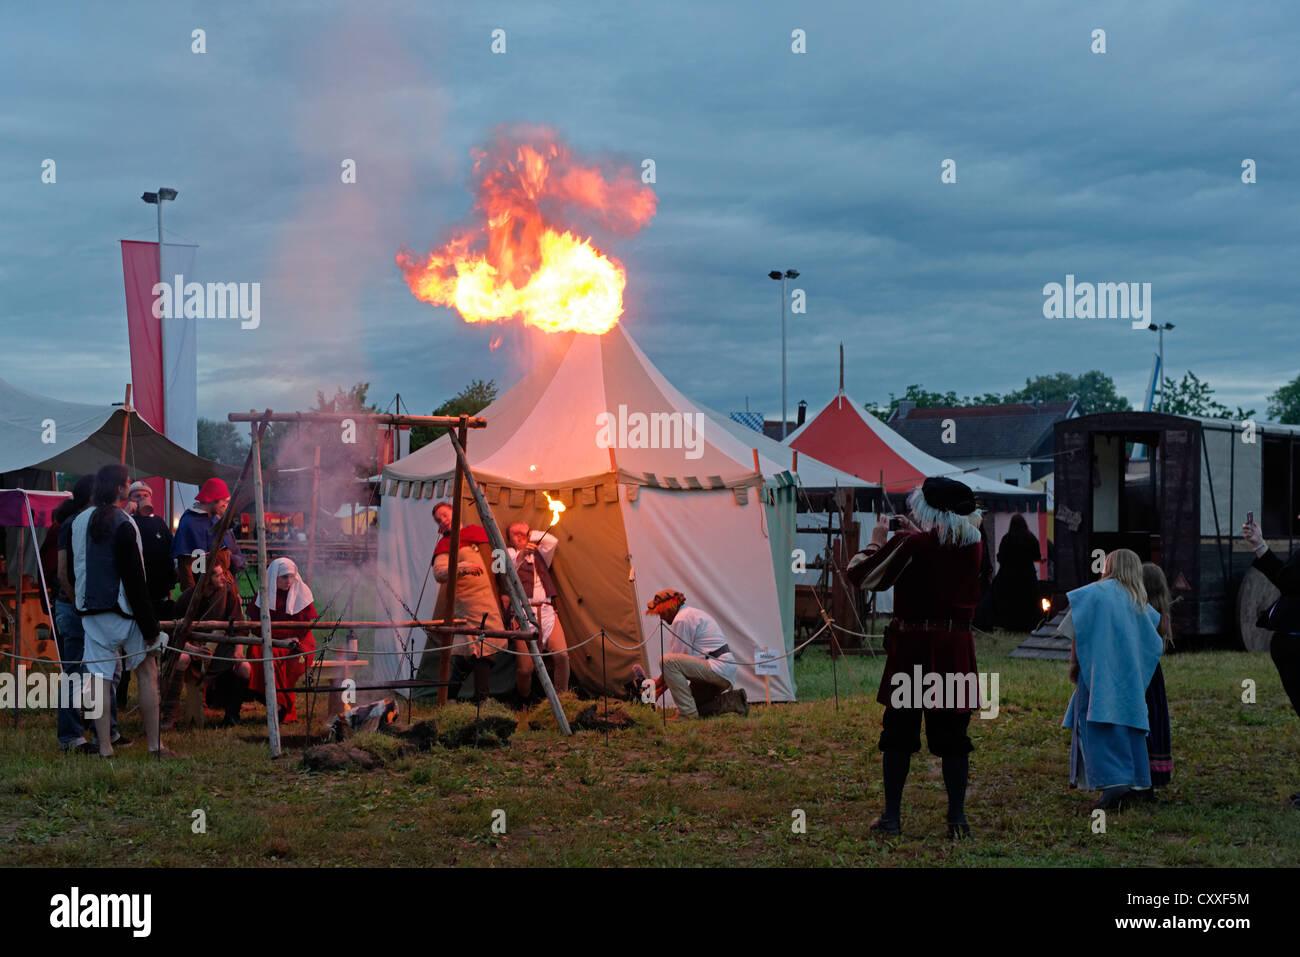 Fire eater, medieval camp to celebrate solstice, Herzogstadt Burghausen e.V historical society, Burghausen, Upper - Stock Image